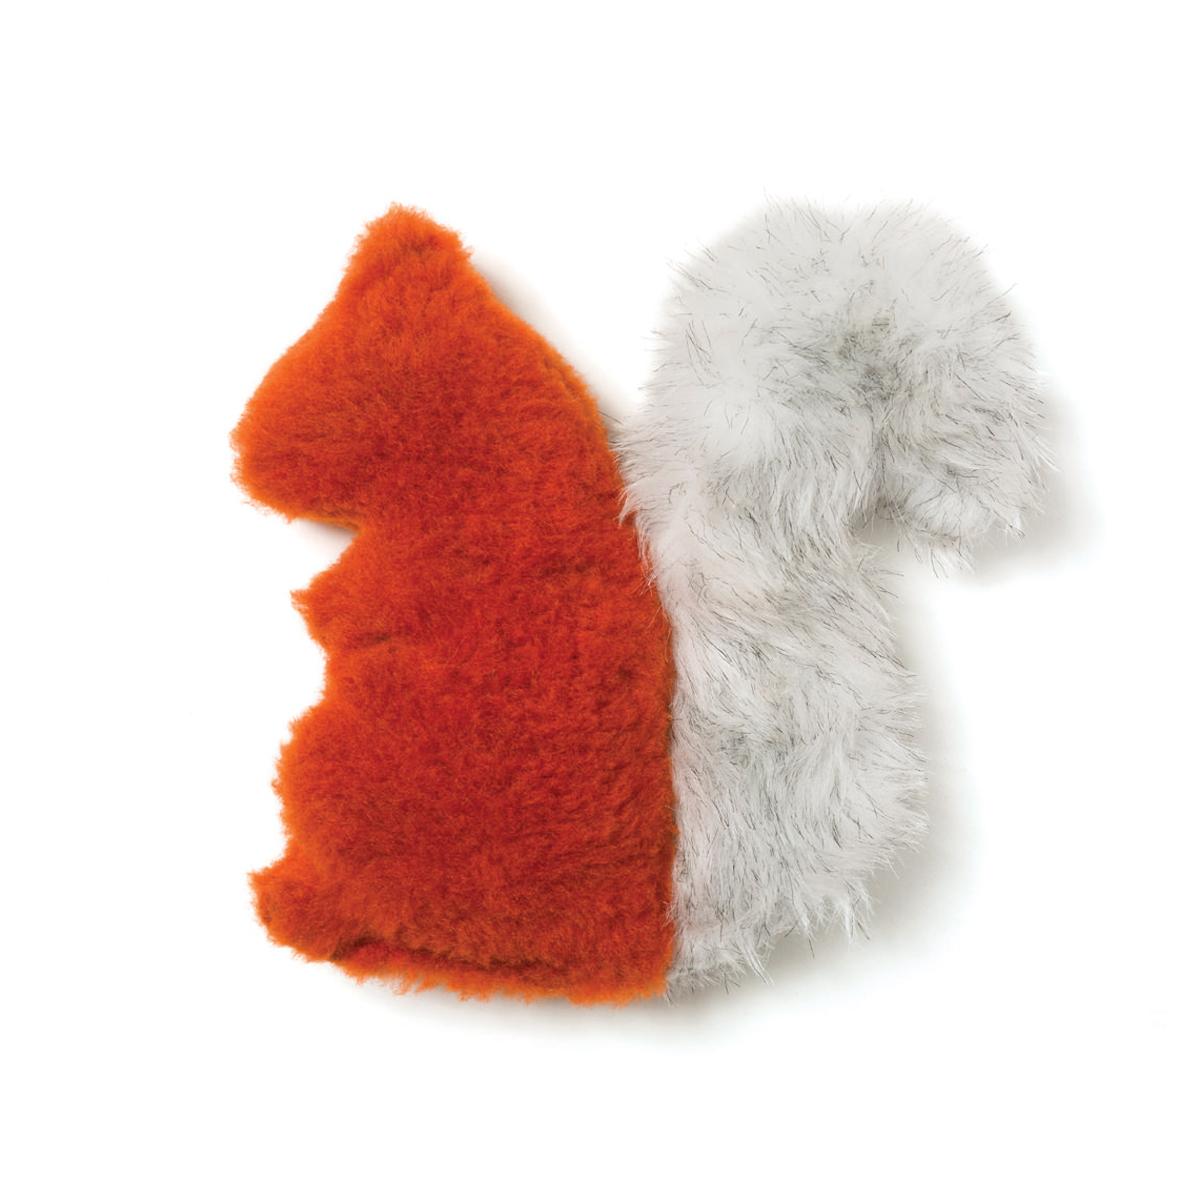 Sequoia Squirrel Dog Toy by West Paw - Pumpkin